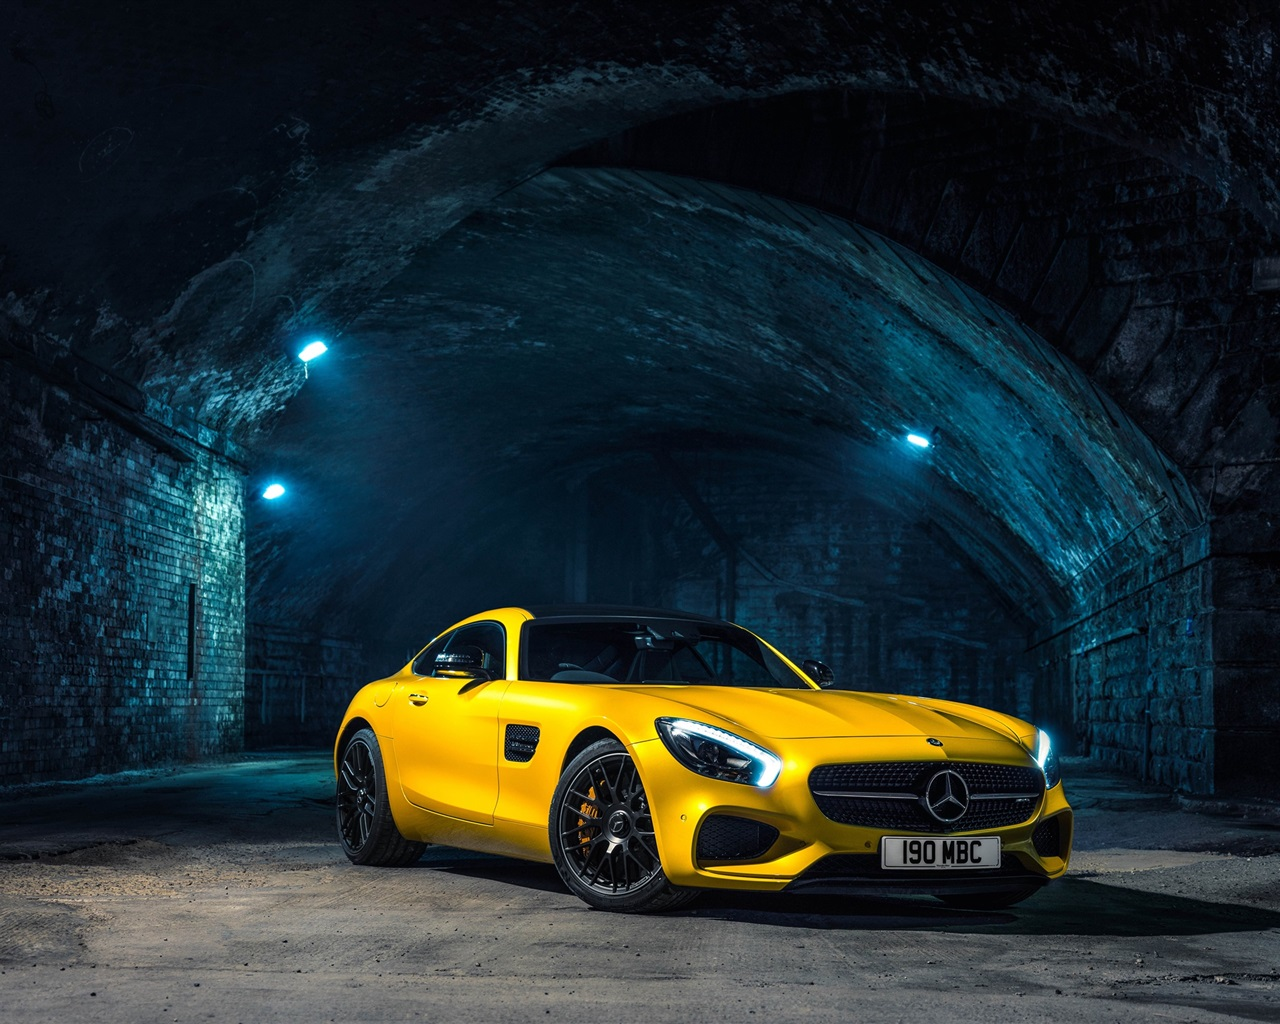 Mercedes AMG GT C190 gelben supercar Hintergrundbilder   1280x1024 1280x1024